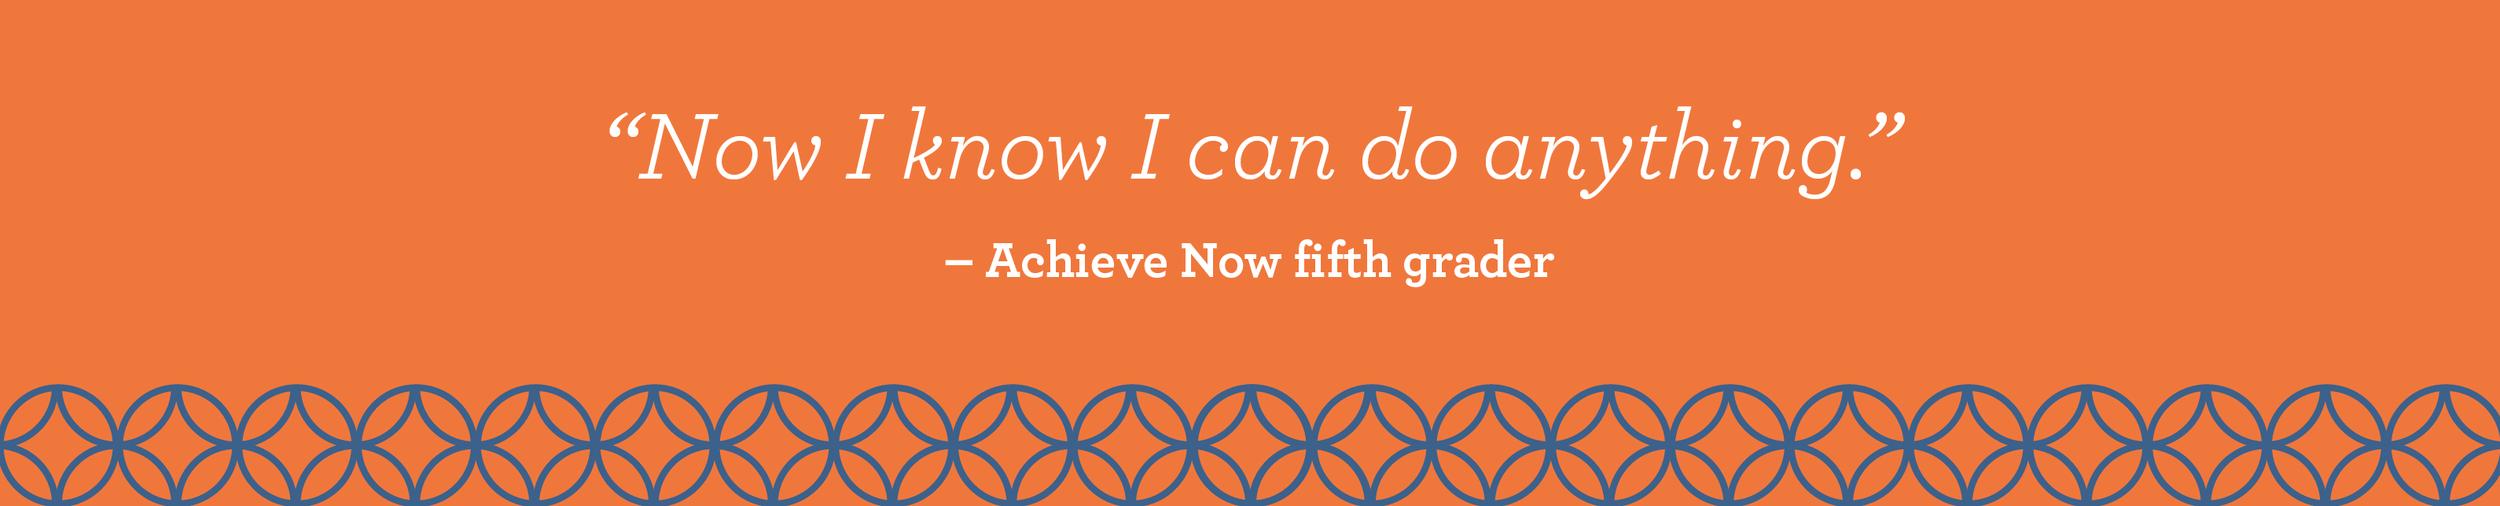 achieve now